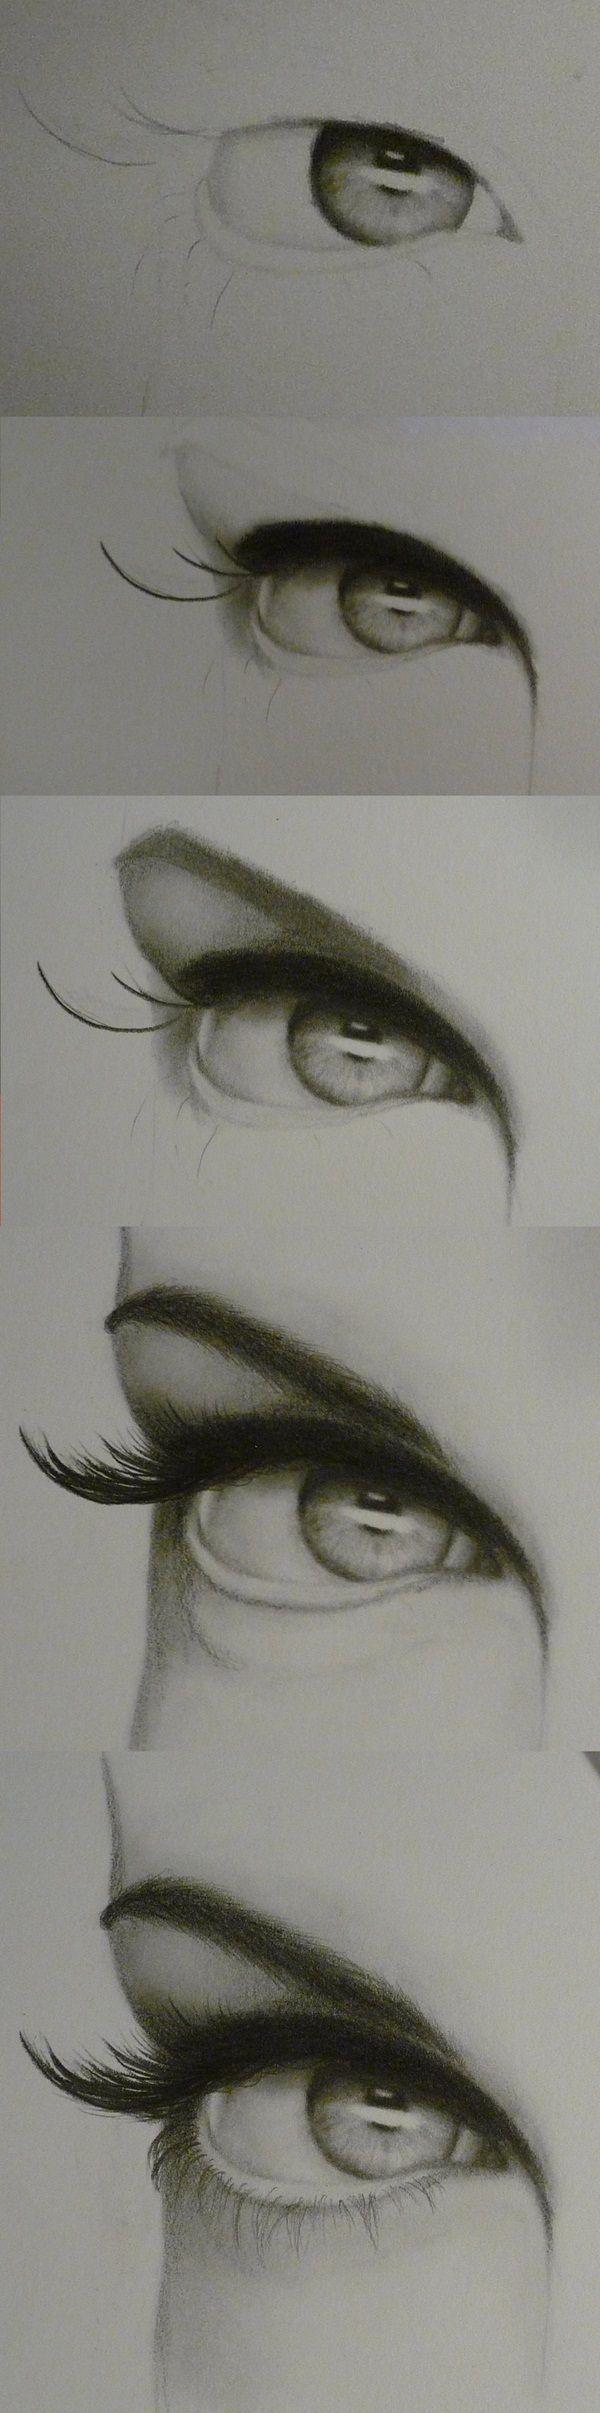 to Draw Eye Portrait Step By Step